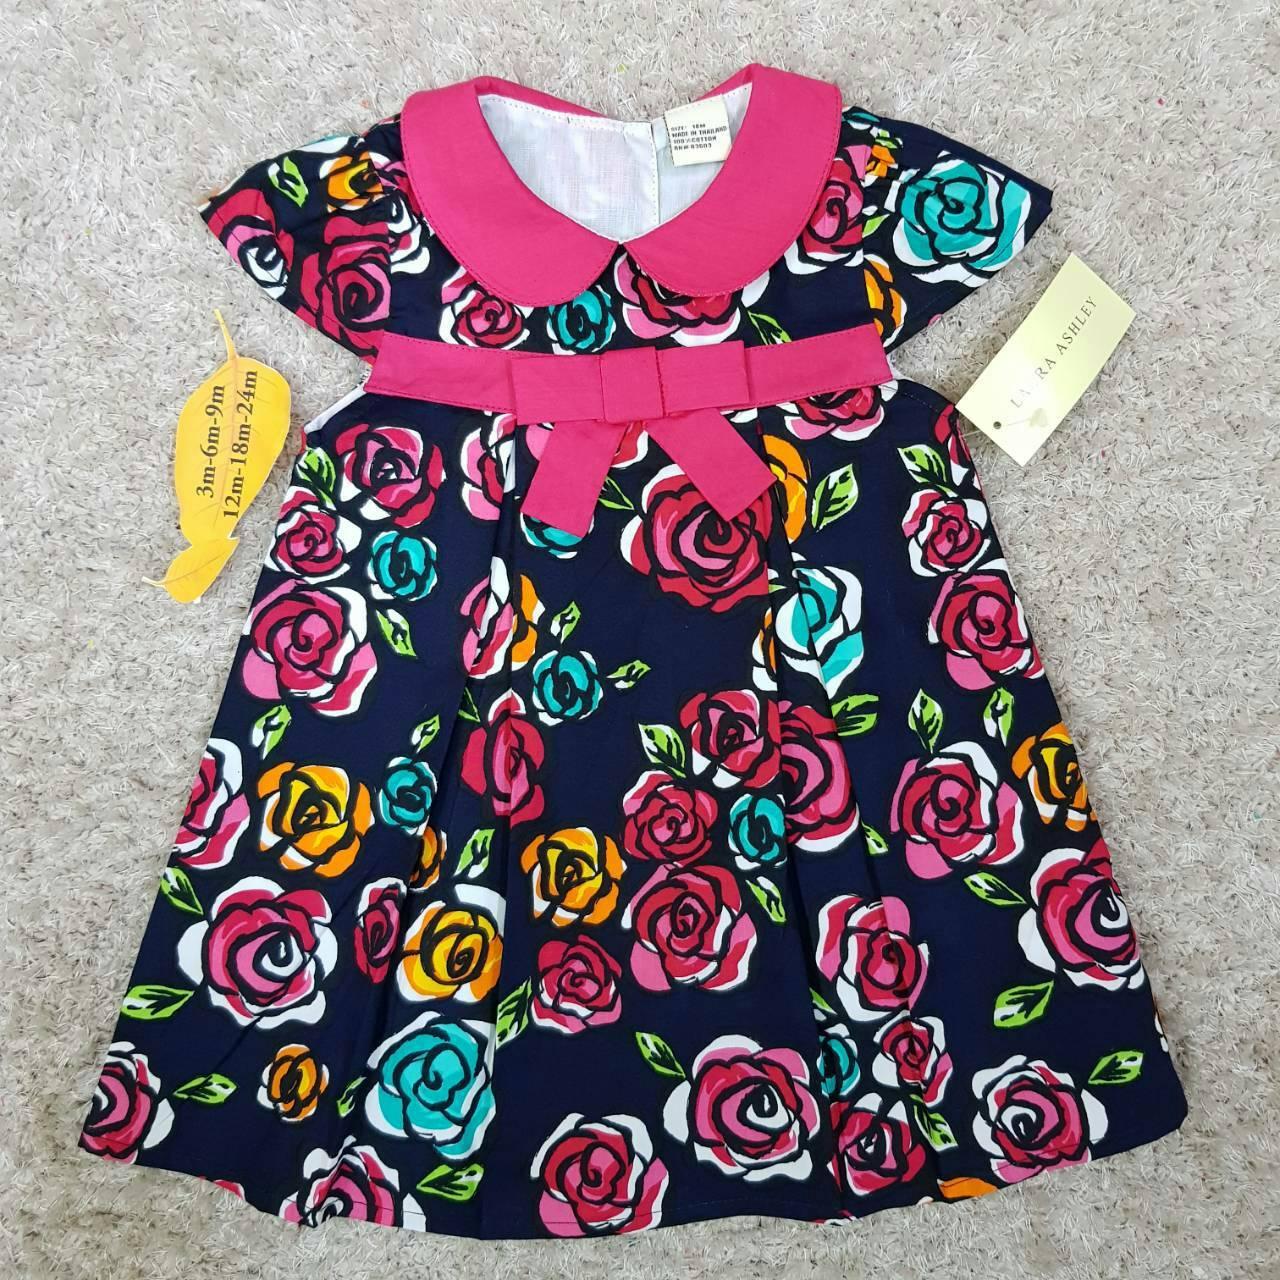 เสื้อผ้าเด็ก 1-2ปี size 12m-18m-24m ลายดอกไม้ คอปกสีชมพู